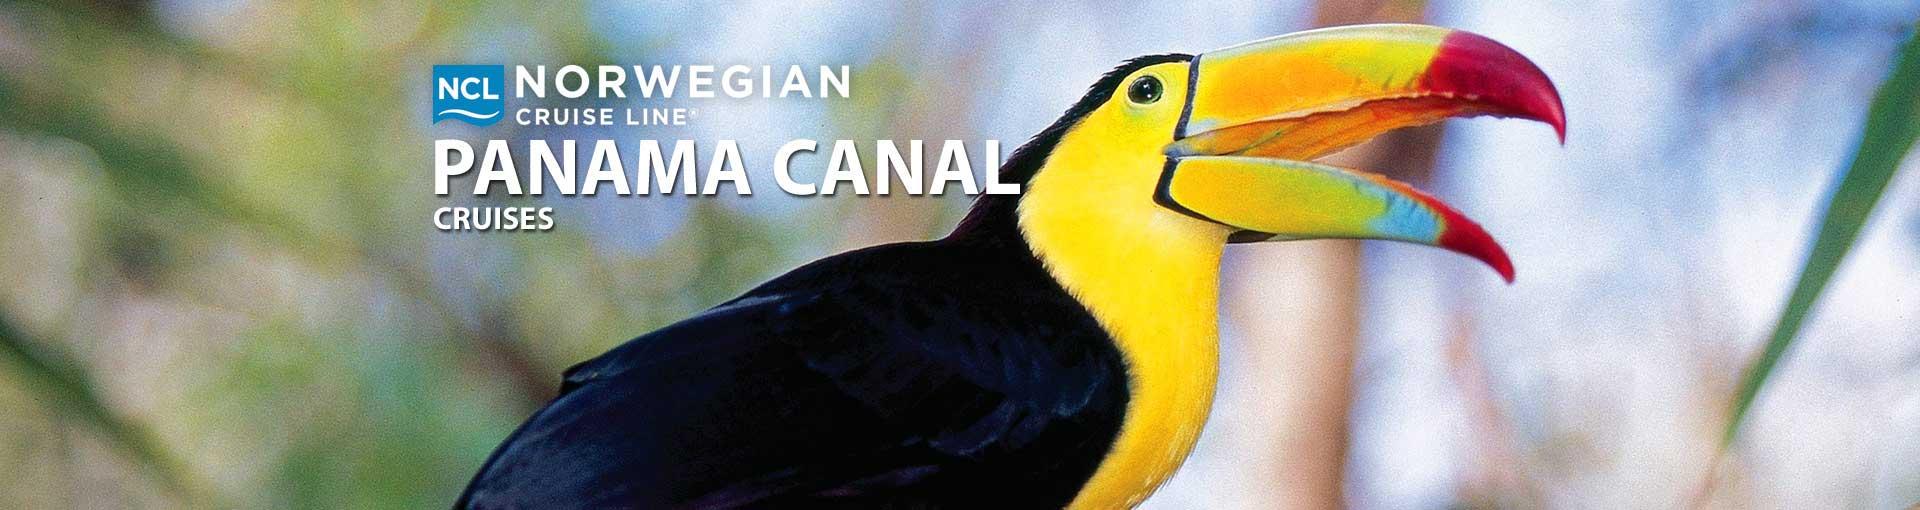 Norwegian Cruise Line Panama Canal Cruises